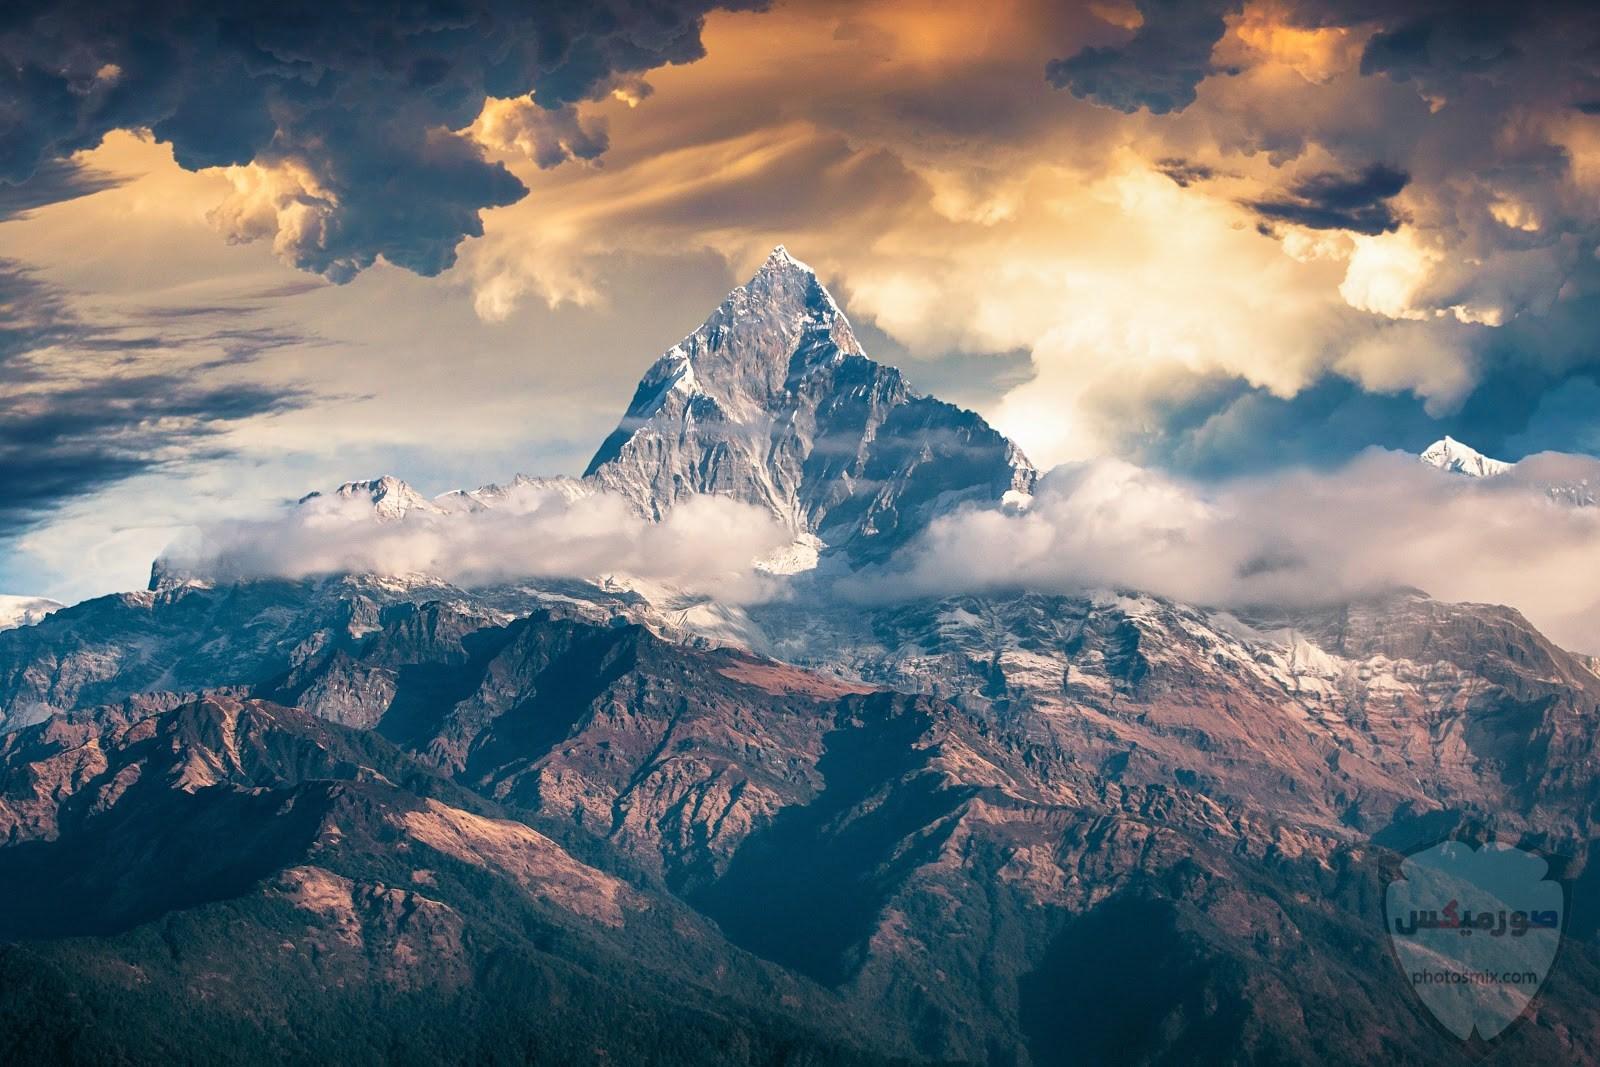 صور جبال خلفيات جبال بجودة HD احلي صور الجبال 8